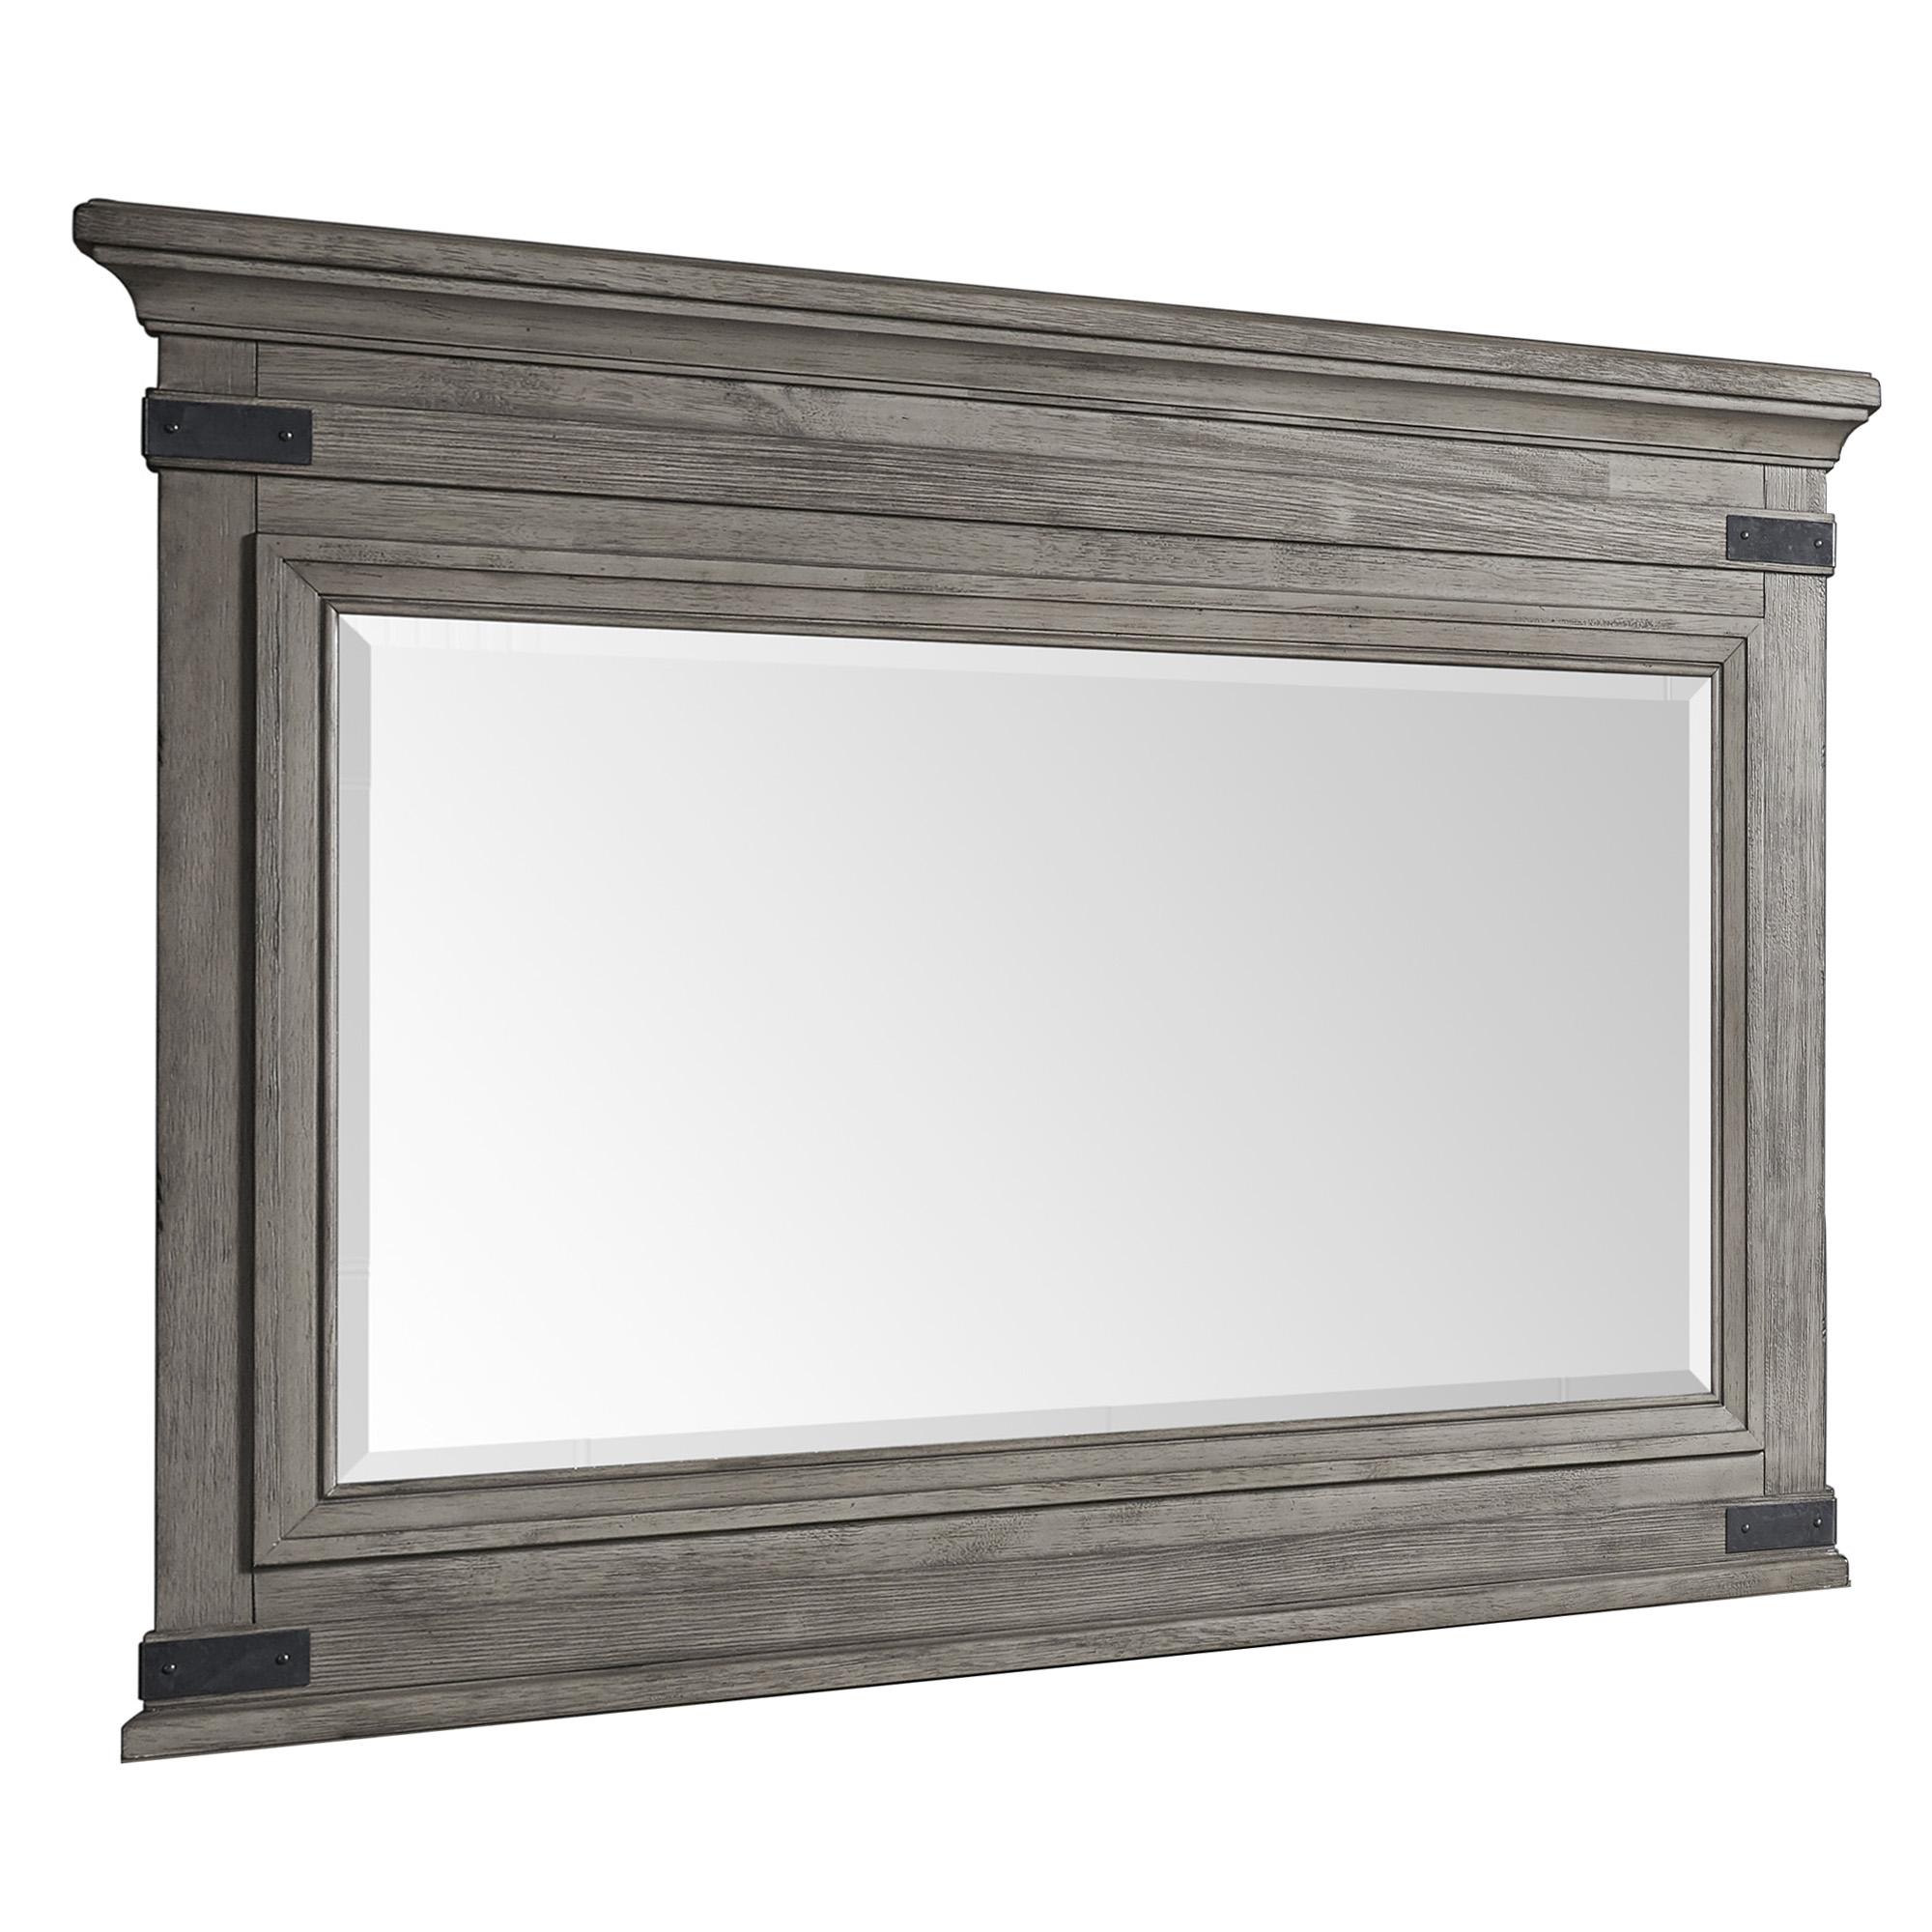 Forge Mirror Intercon Furniture